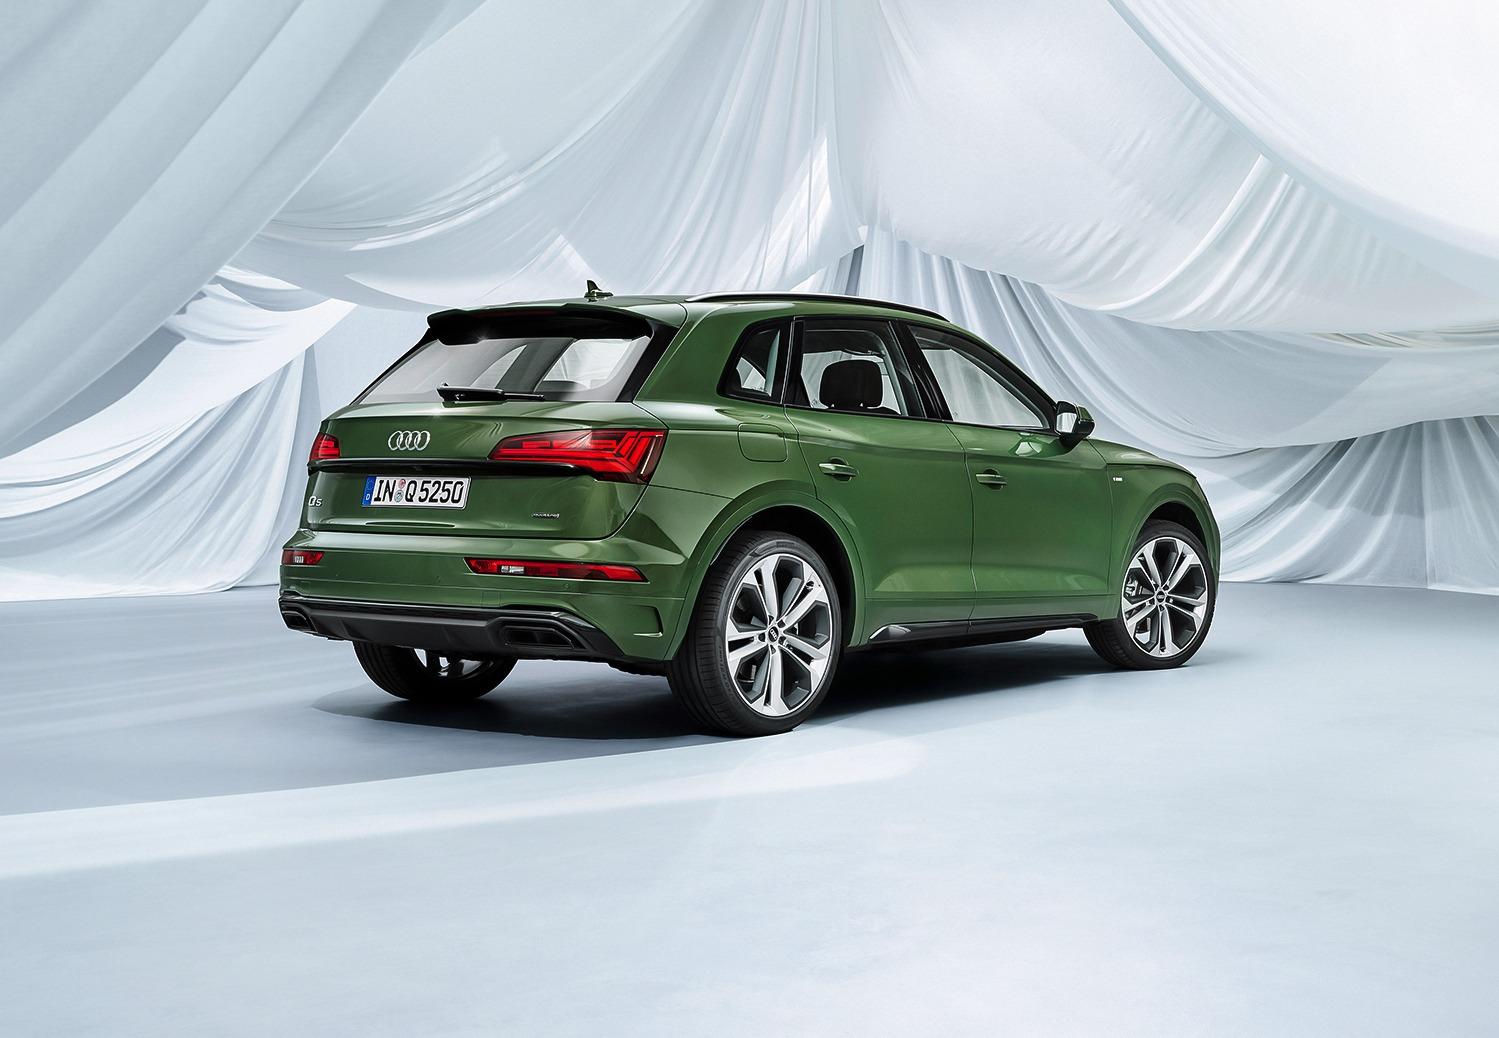 Vernieuwde Audi Q5 (2020)